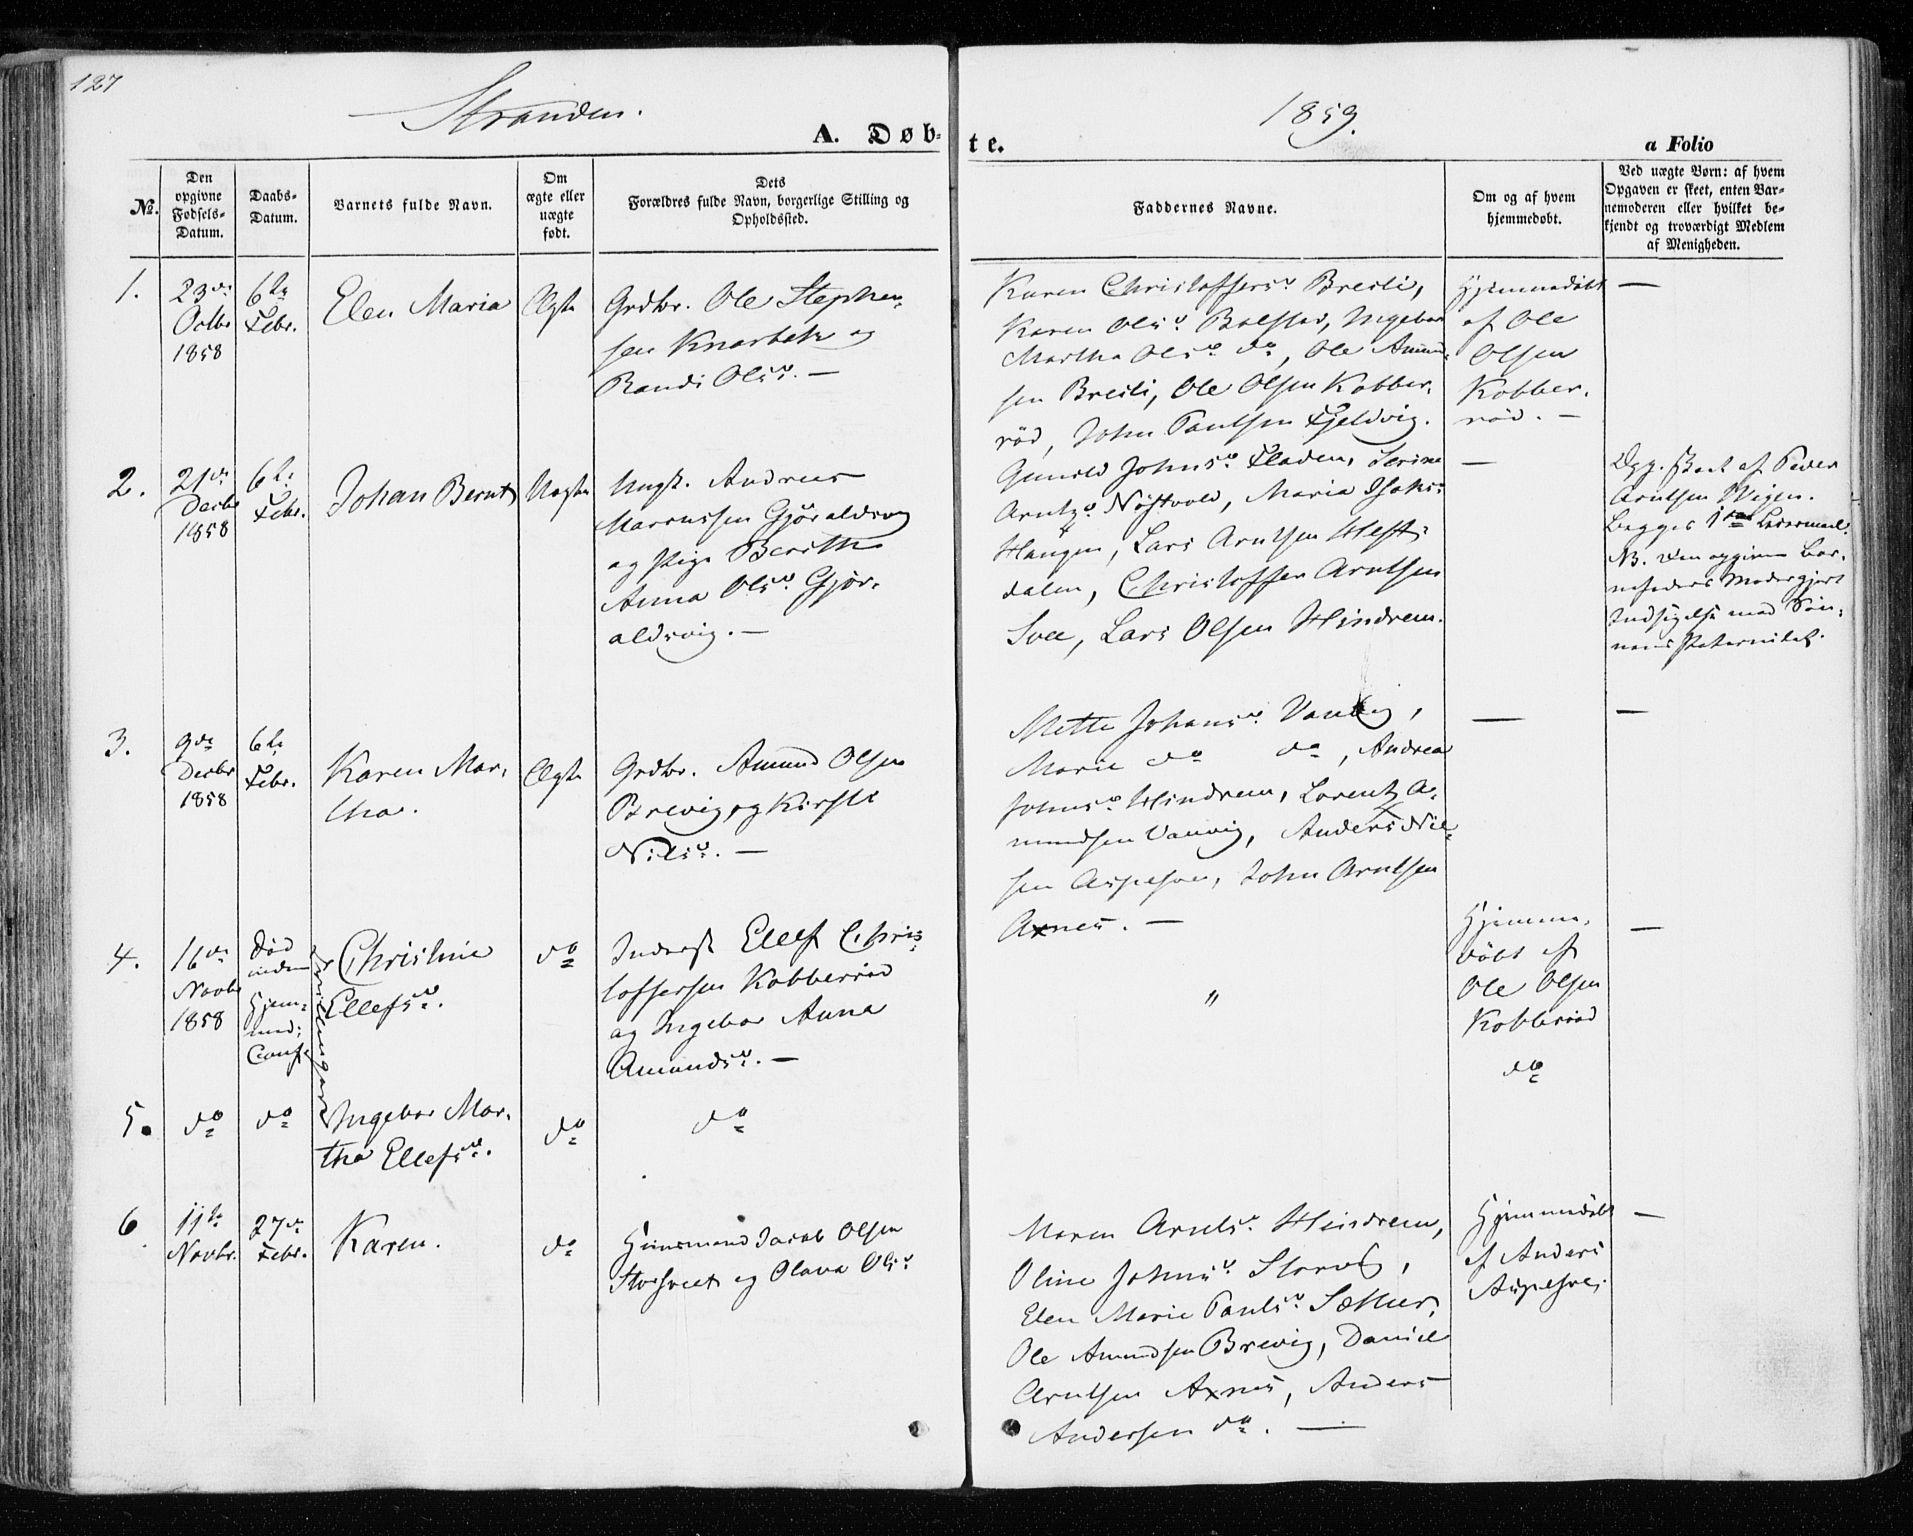 SAT, Ministerialprotokoller, klokkerbøker og fødselsregistre - Nord-Trøndelag, 701/L0008: Ministerialbok nr. 701A08 /2, 1854-1863, s. 127